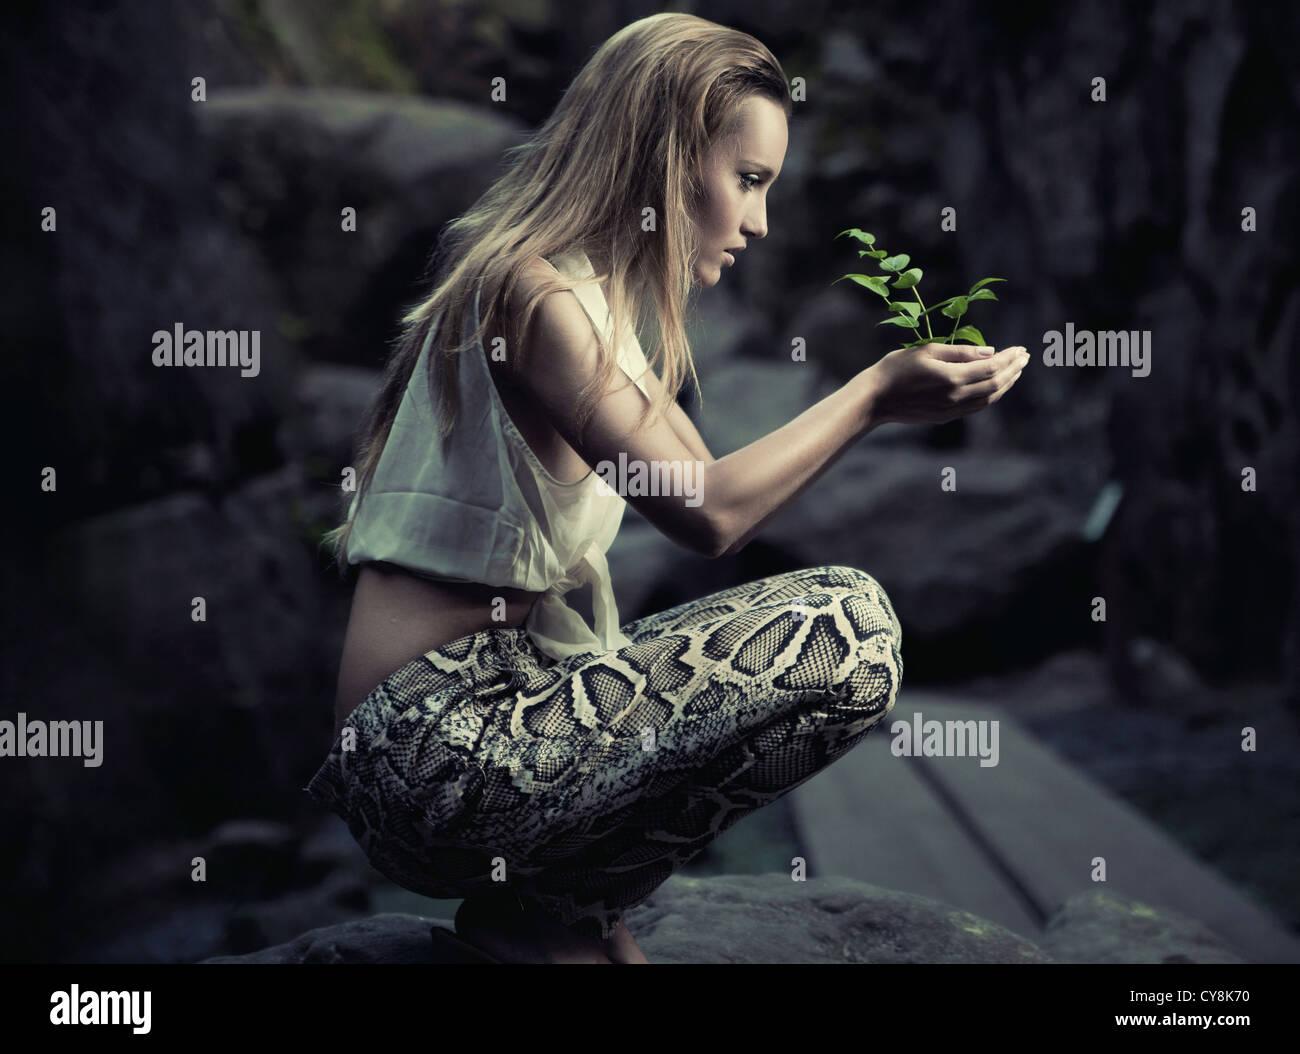 Bella giovane donna in possesso di un impianto Immagini Stock